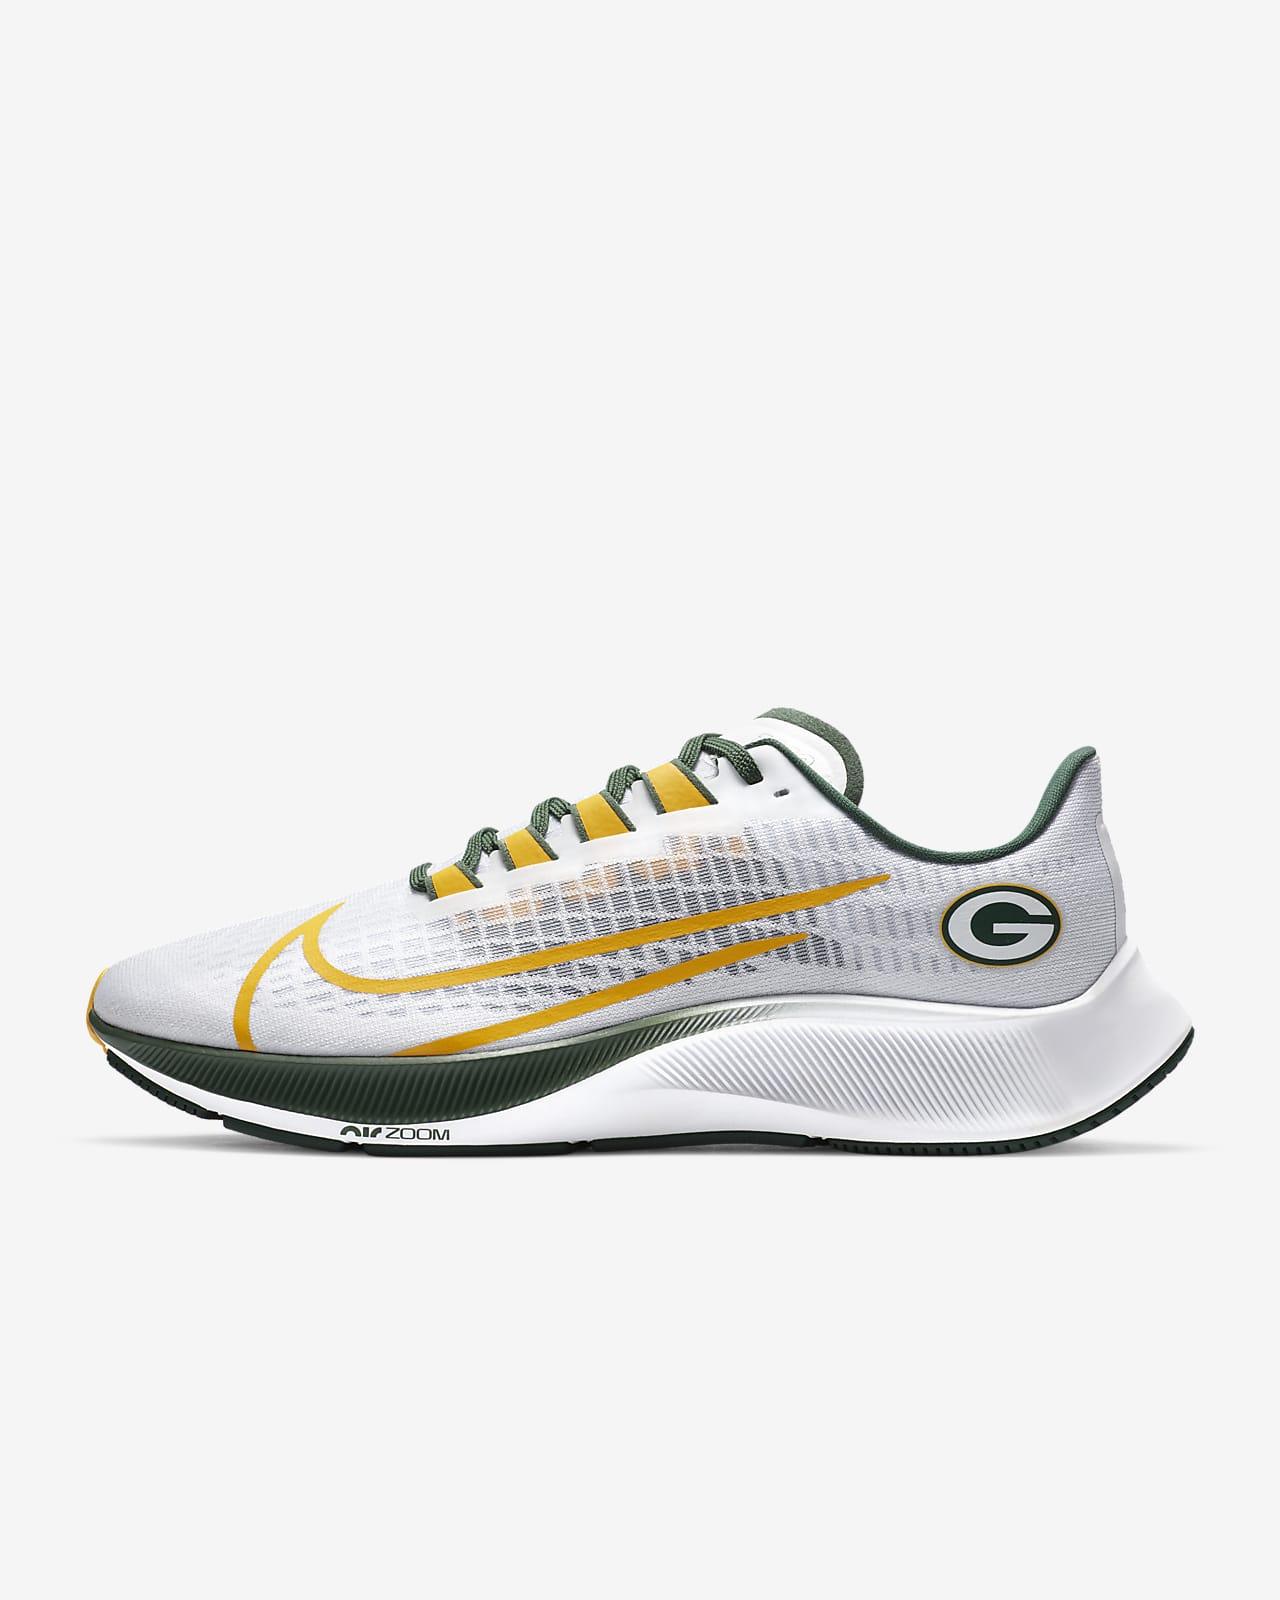 Calzado de running Nike Air Zoom Pegasus 37 (Green Bay Packers)